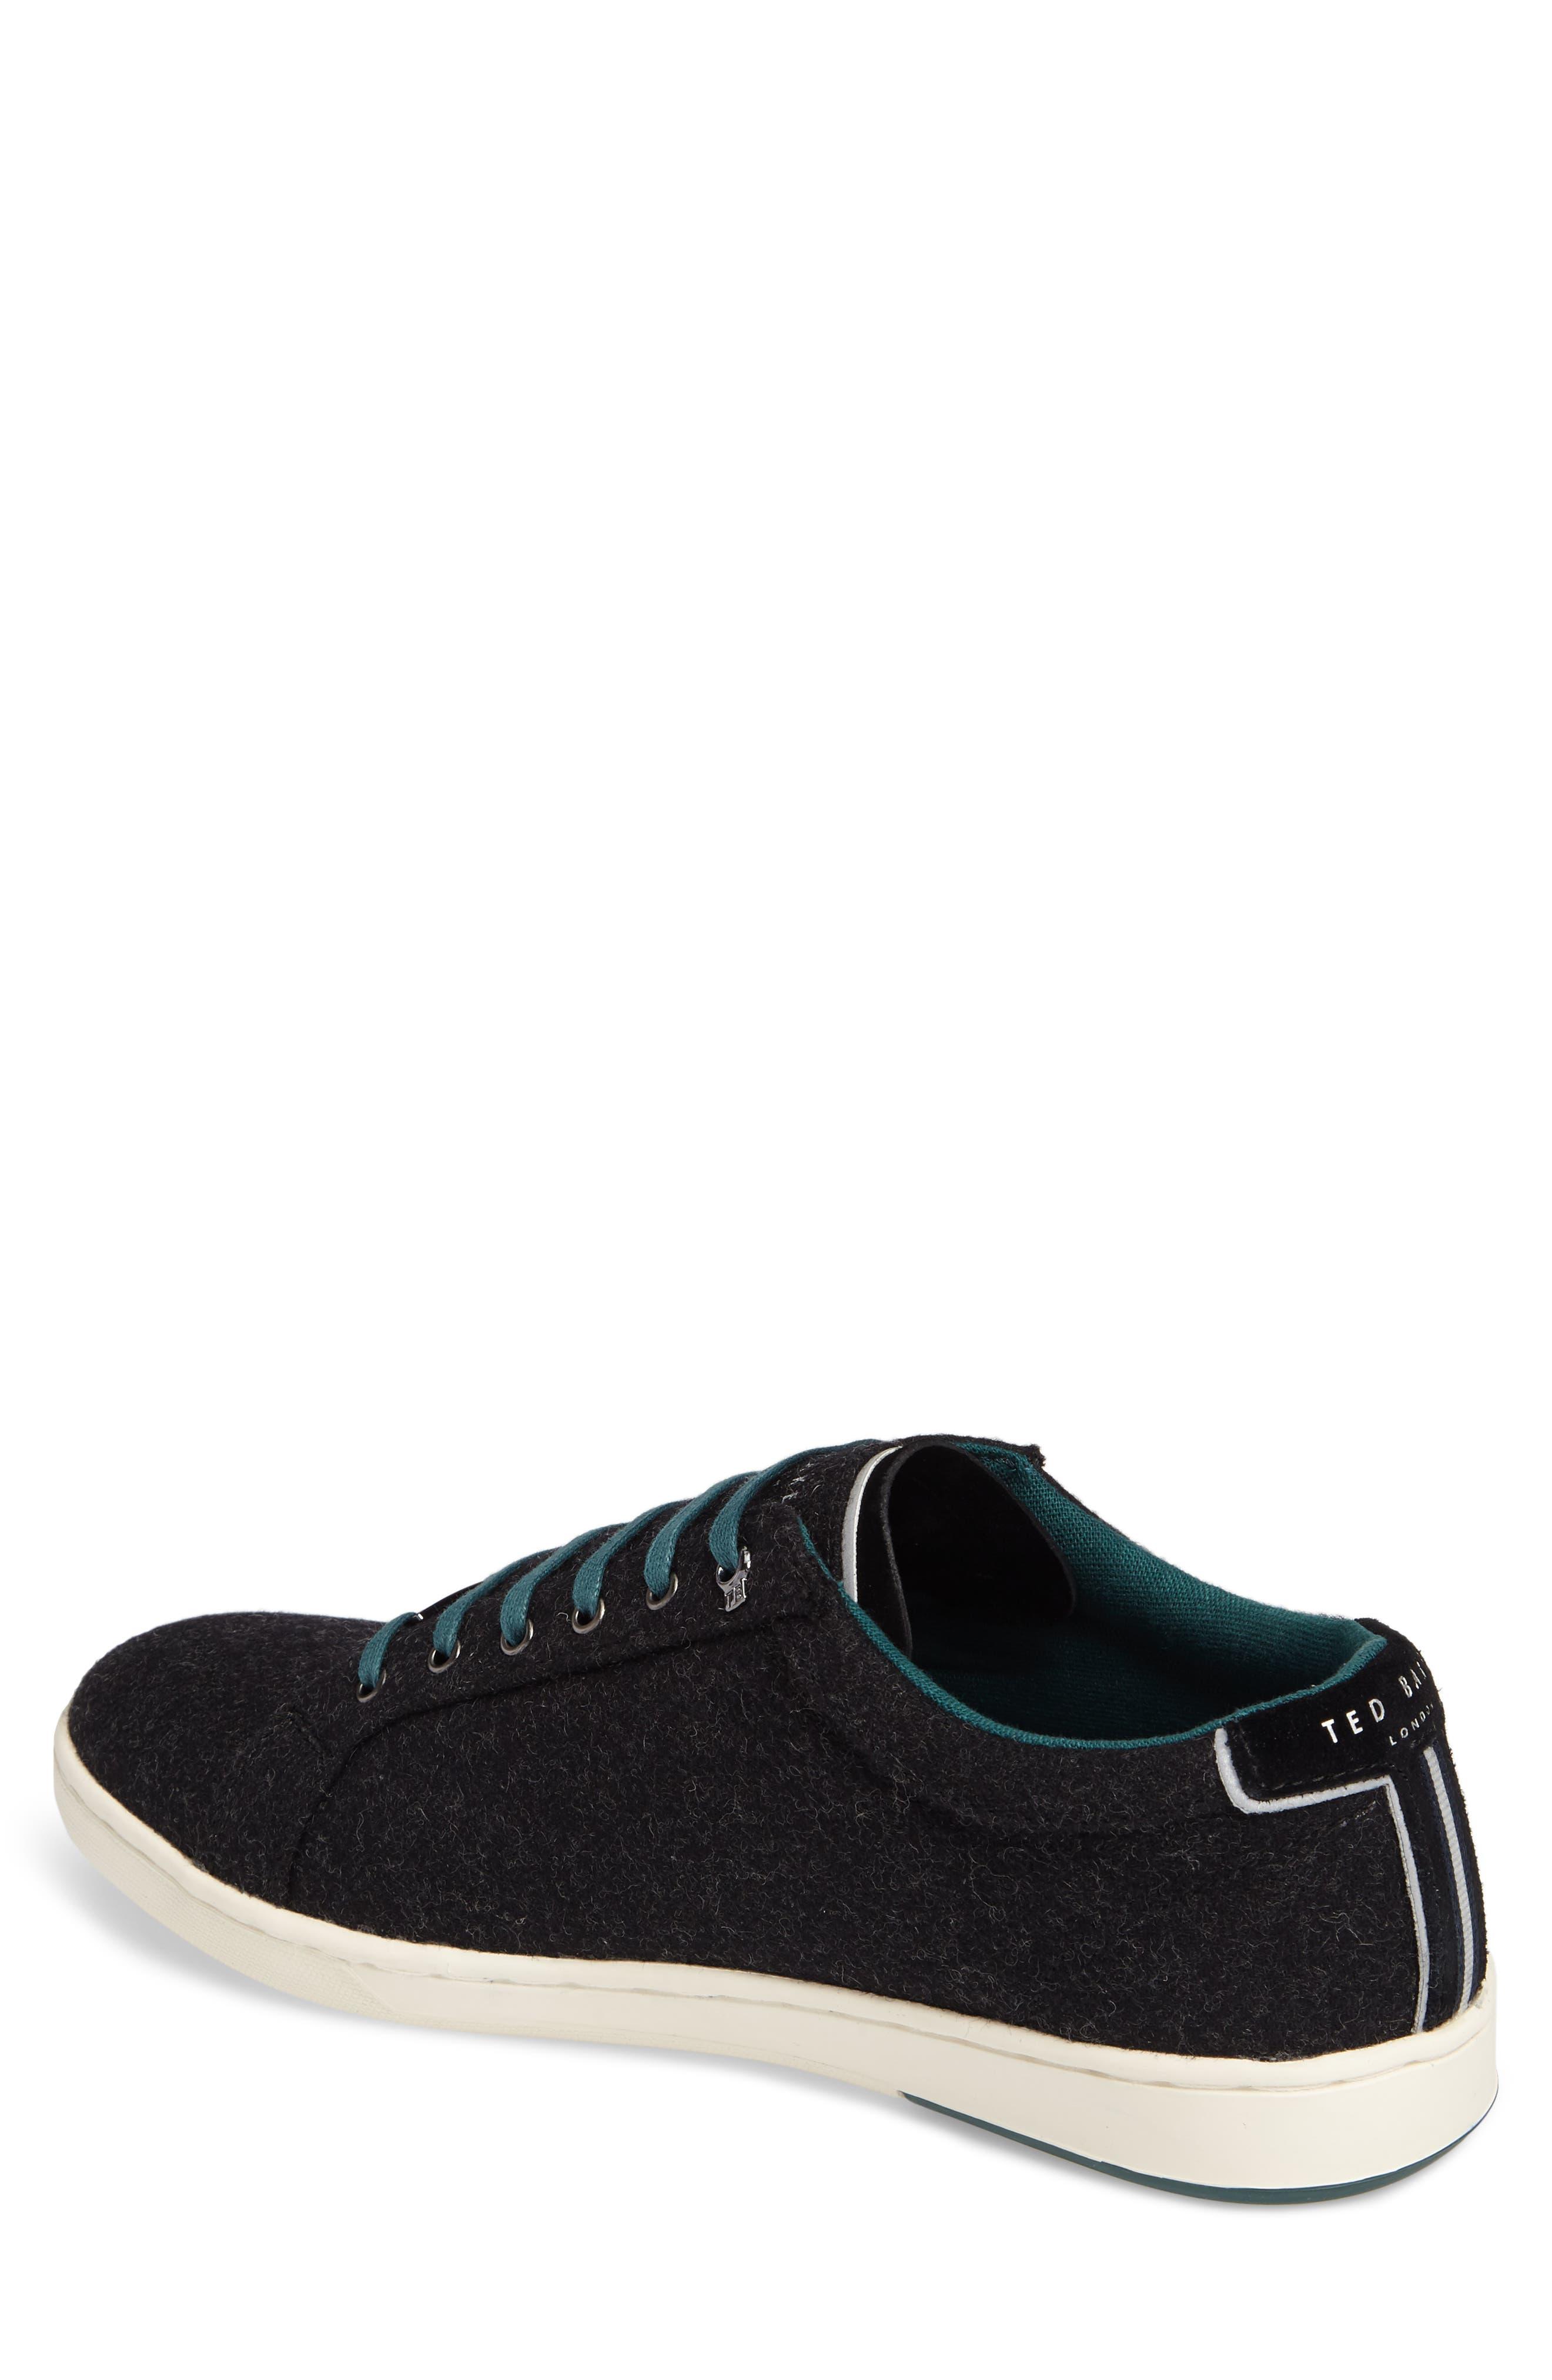 Minem 3 Sneaker,                             Alternate thumbnail 2, color,                             Black Wool